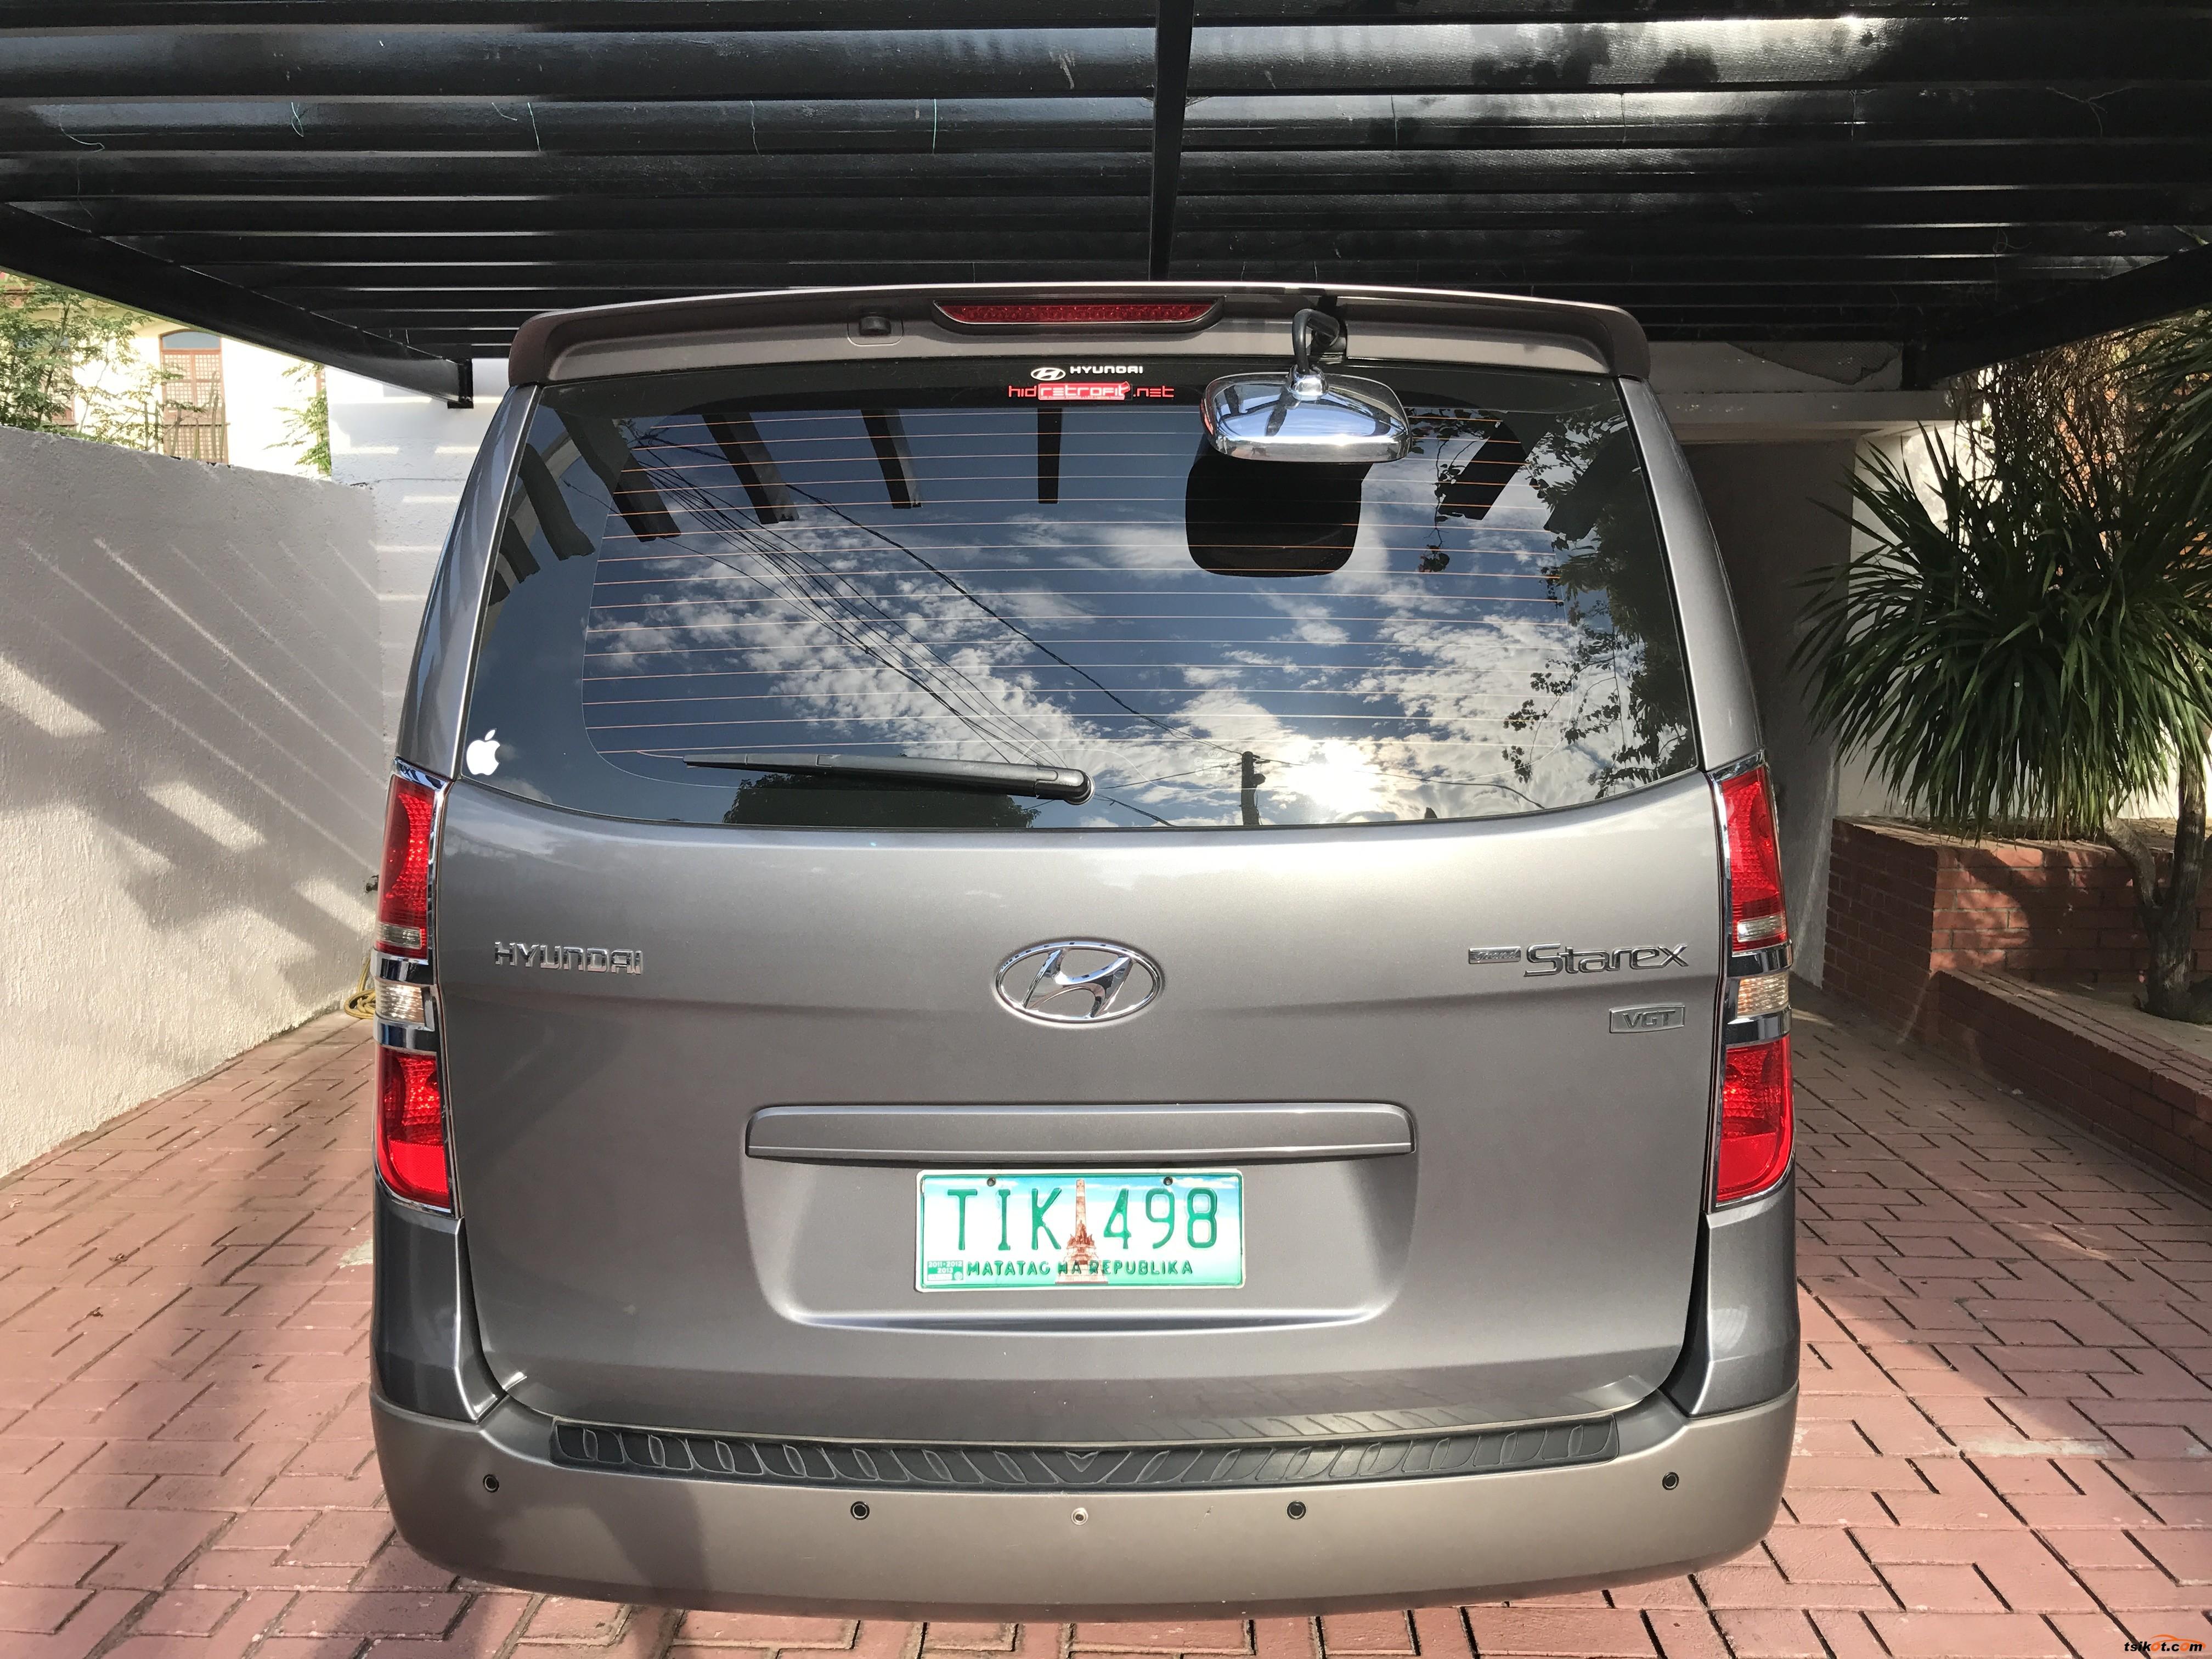 Hyundai G.starex 2011 - 1